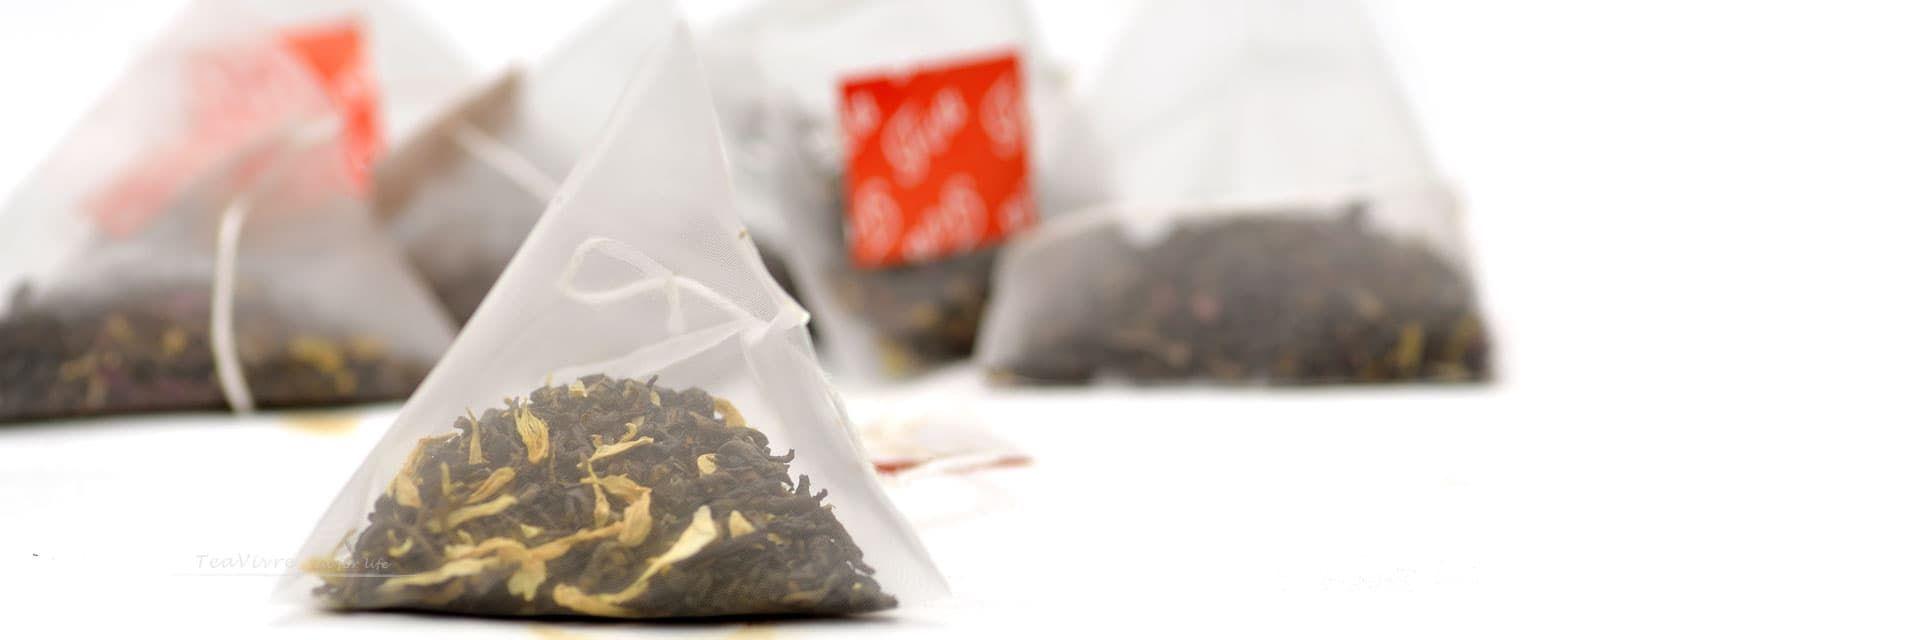 خرید چای شمال ایرانی اینترنتی